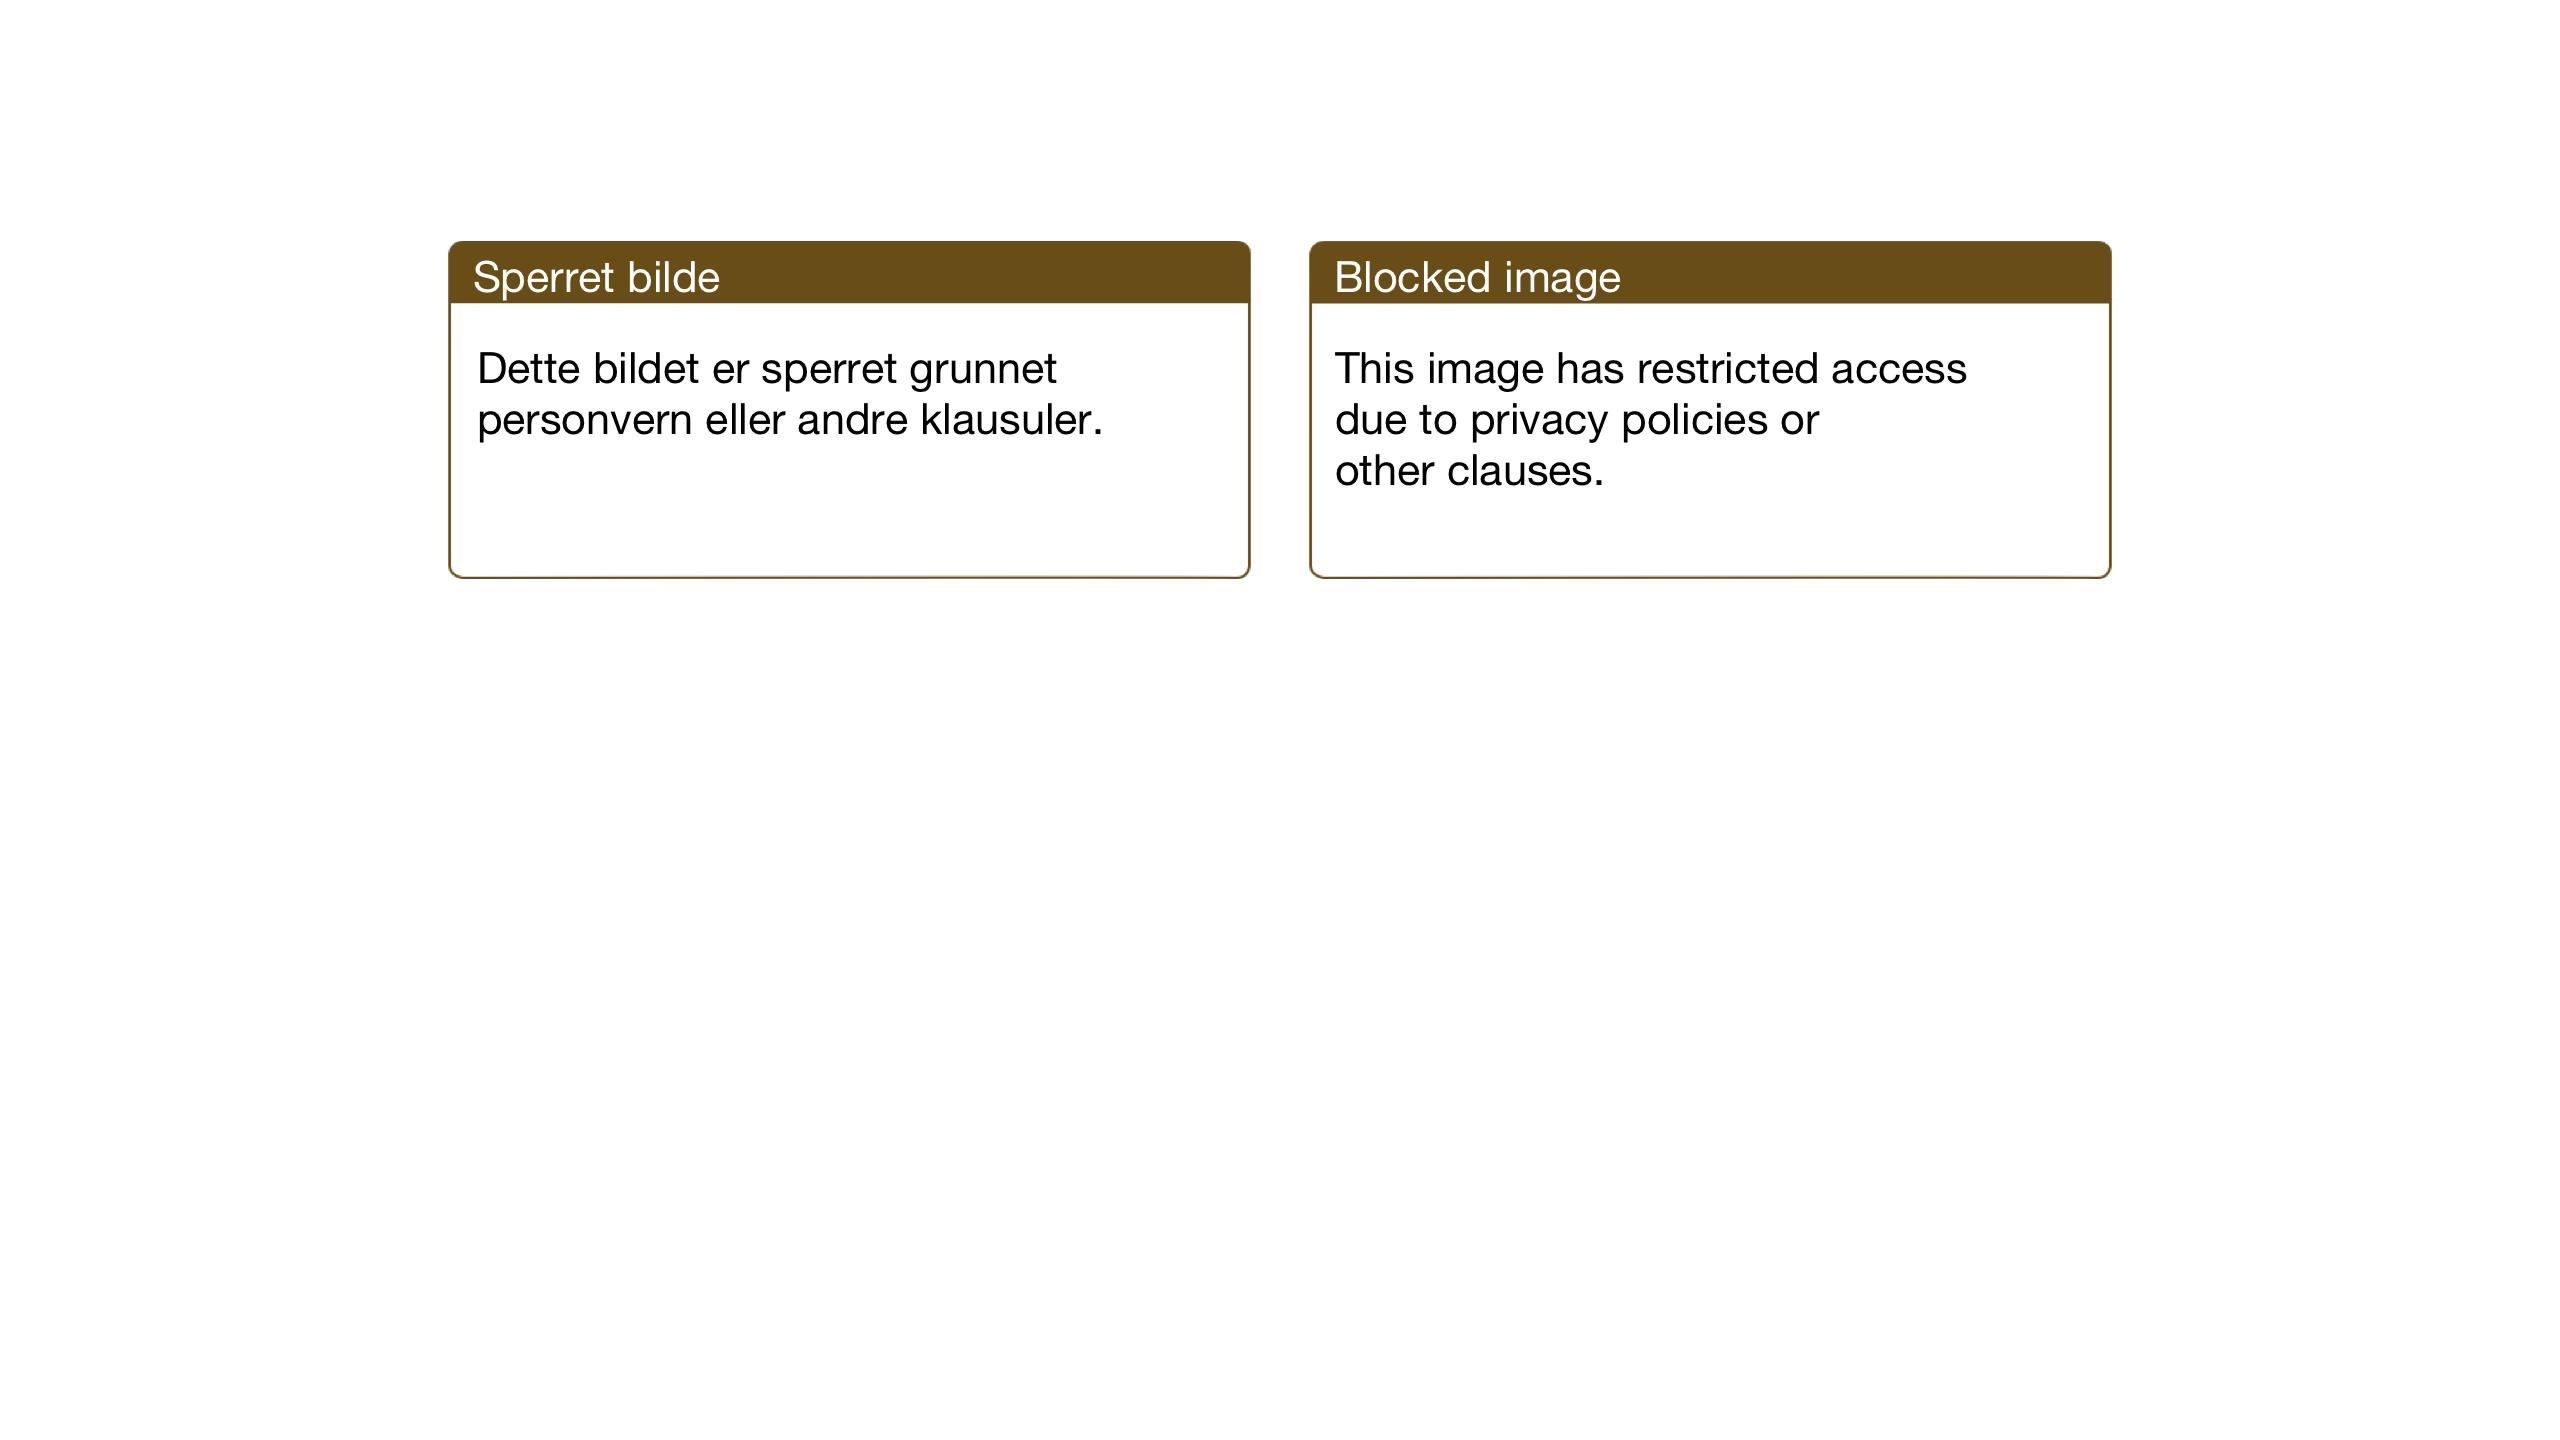 SAT, Ministerialprotokoller, klokkerbøker og fødselsregistre - Nord-Trøndelag, 786/L0689: Klokkerbok nr. 786C01, 1940-1948, s. 70-71